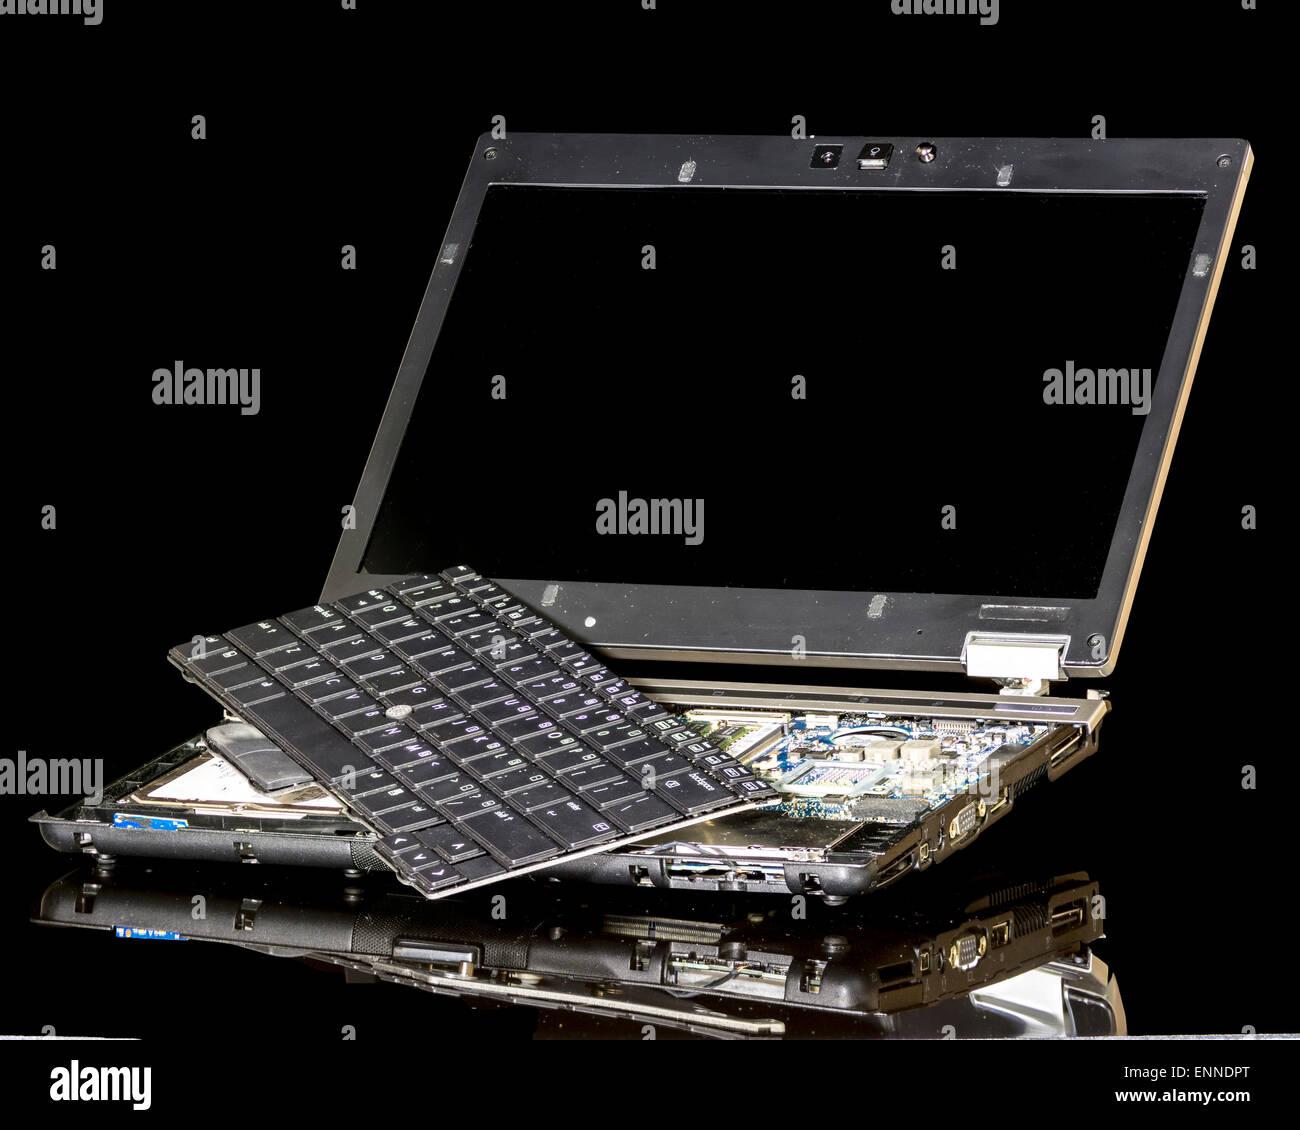 Laptop computer taken apart in pieces - Stock Image